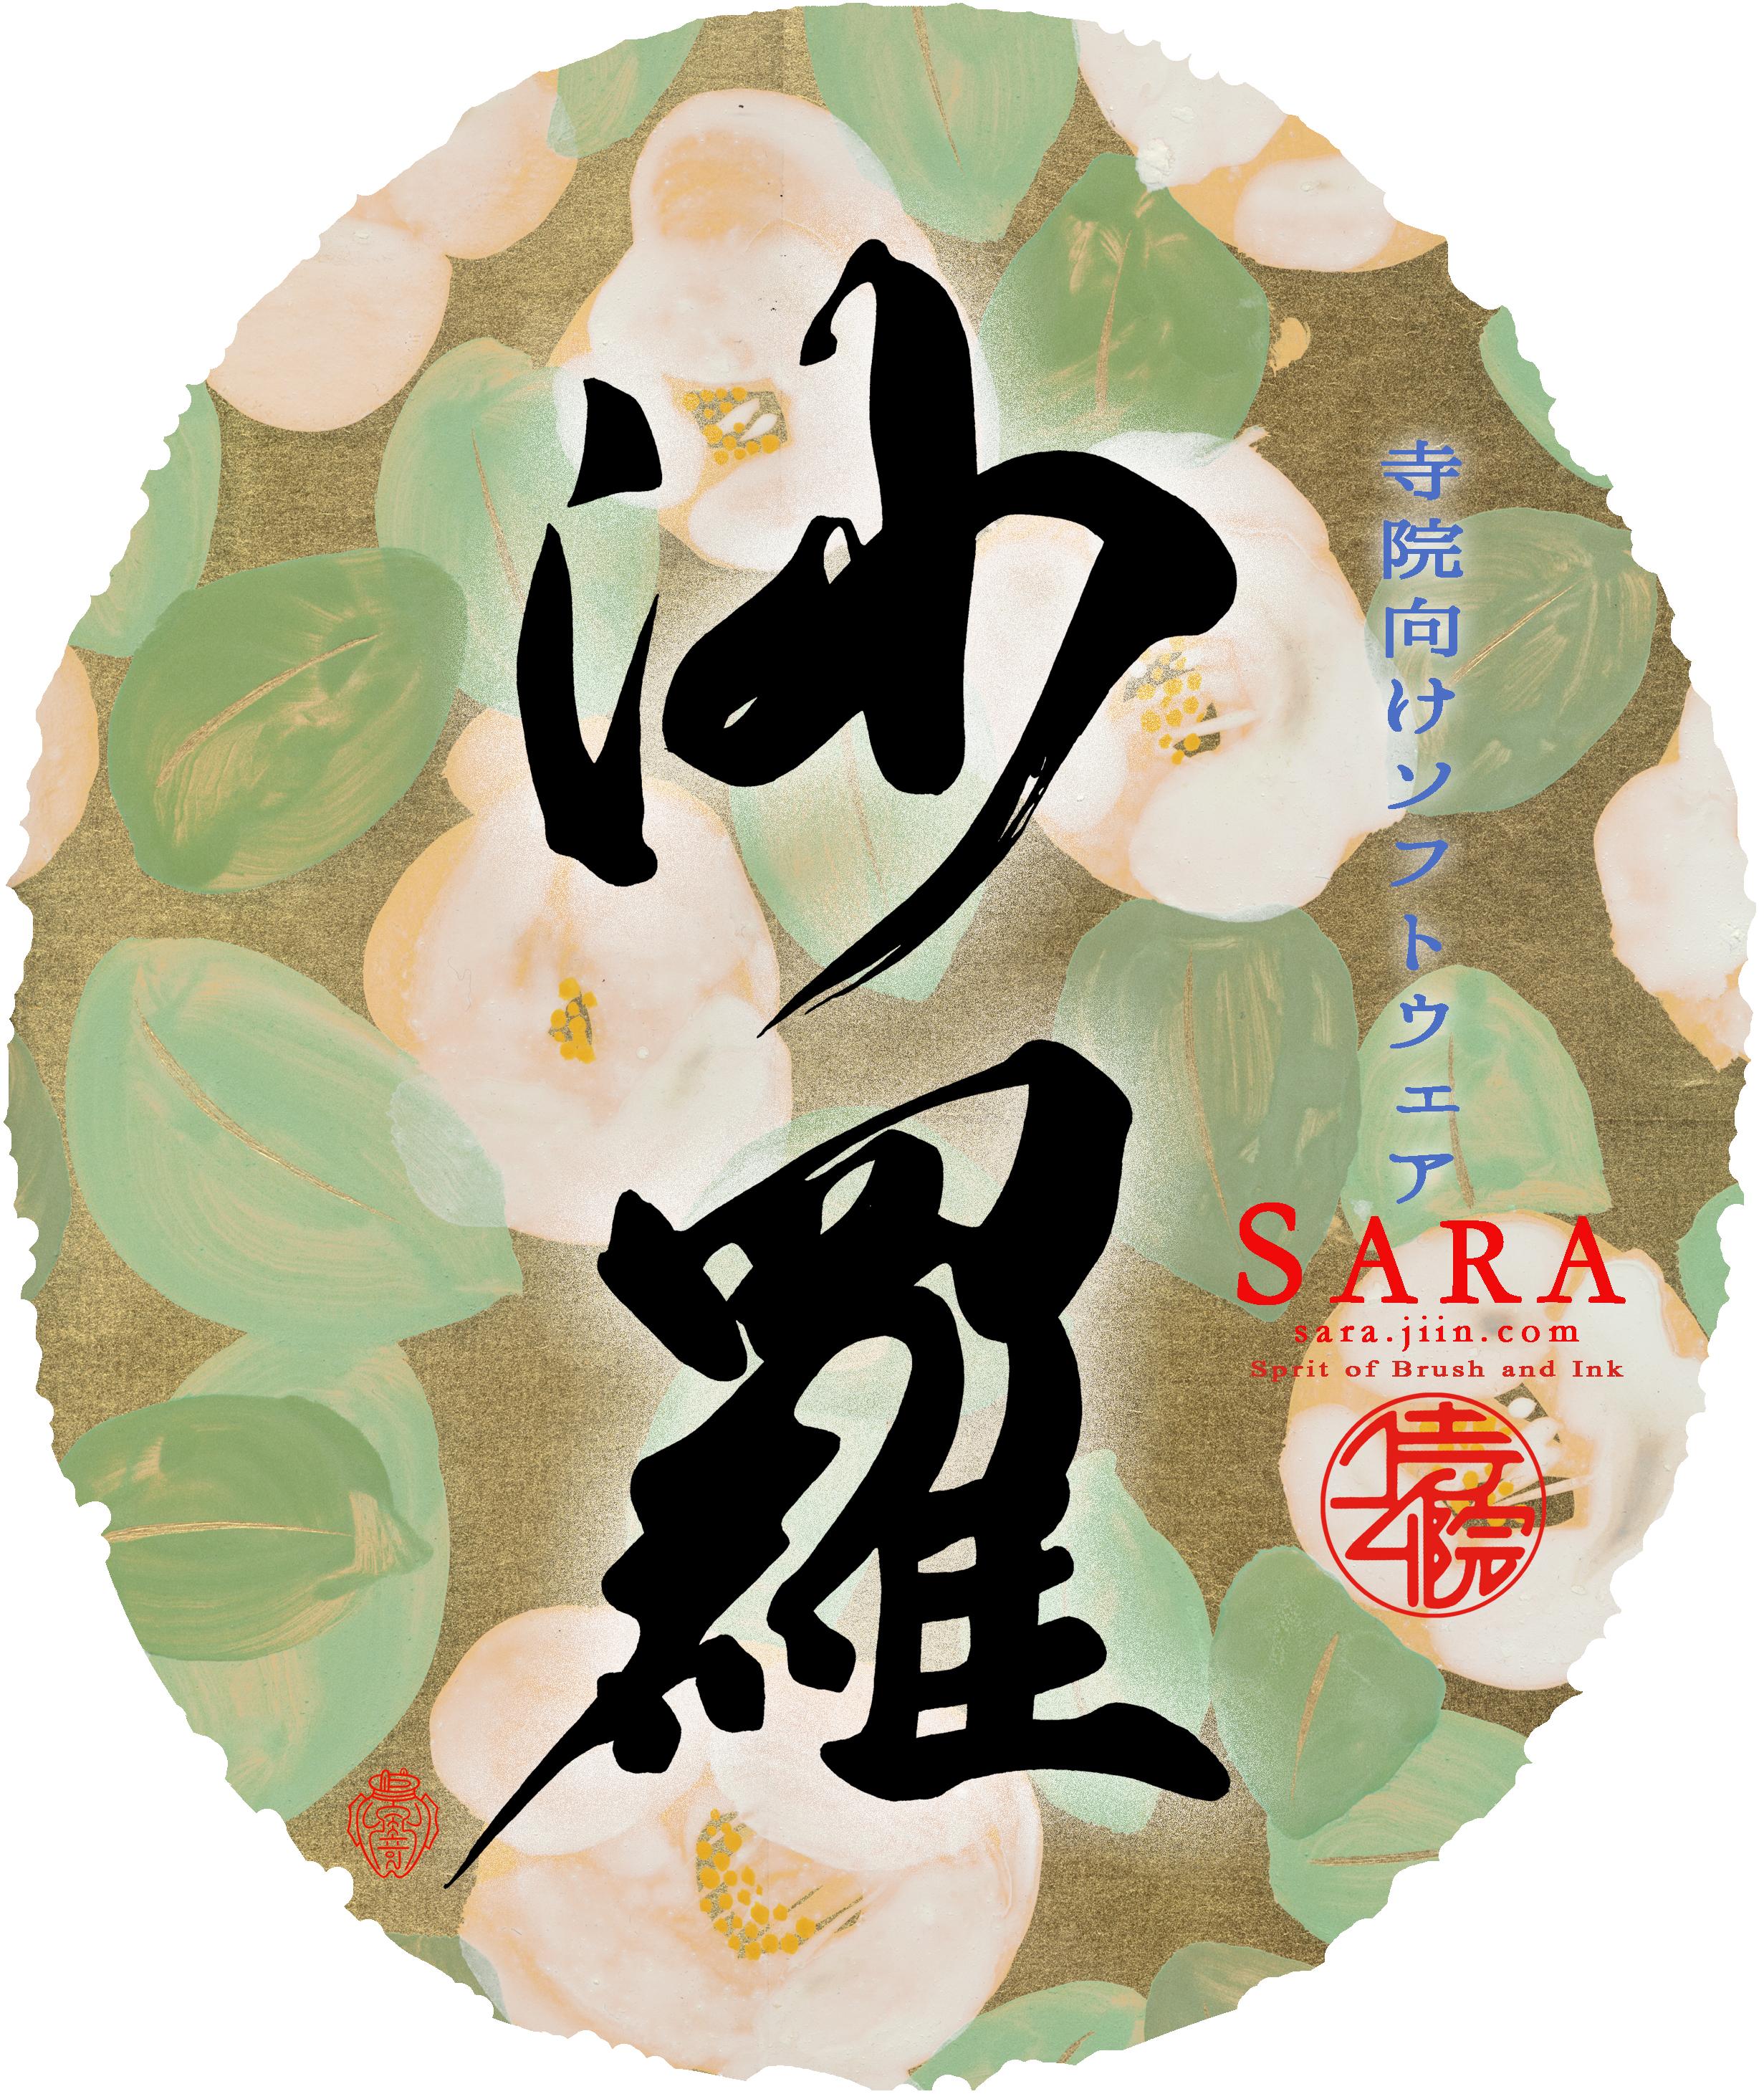 sara2015-1